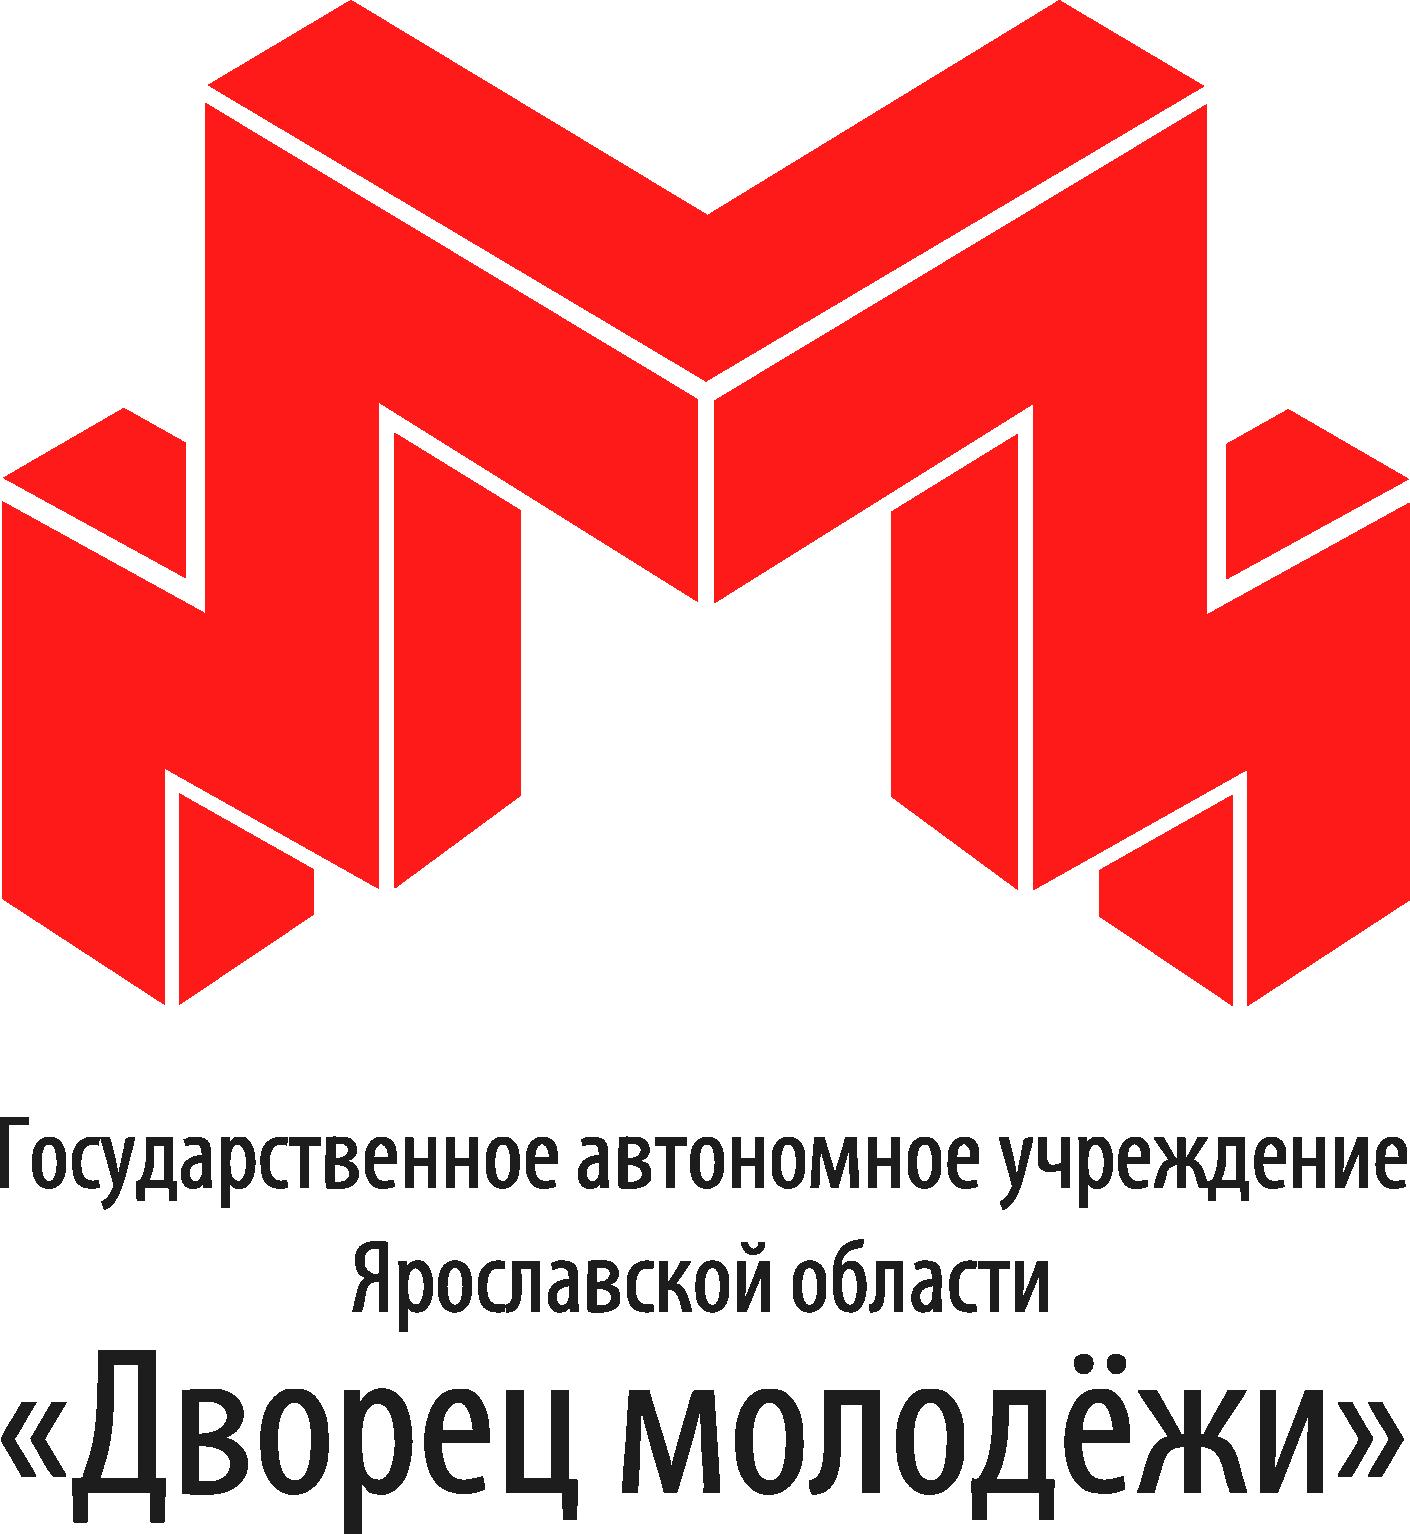 Логотип ДМ одноцветный